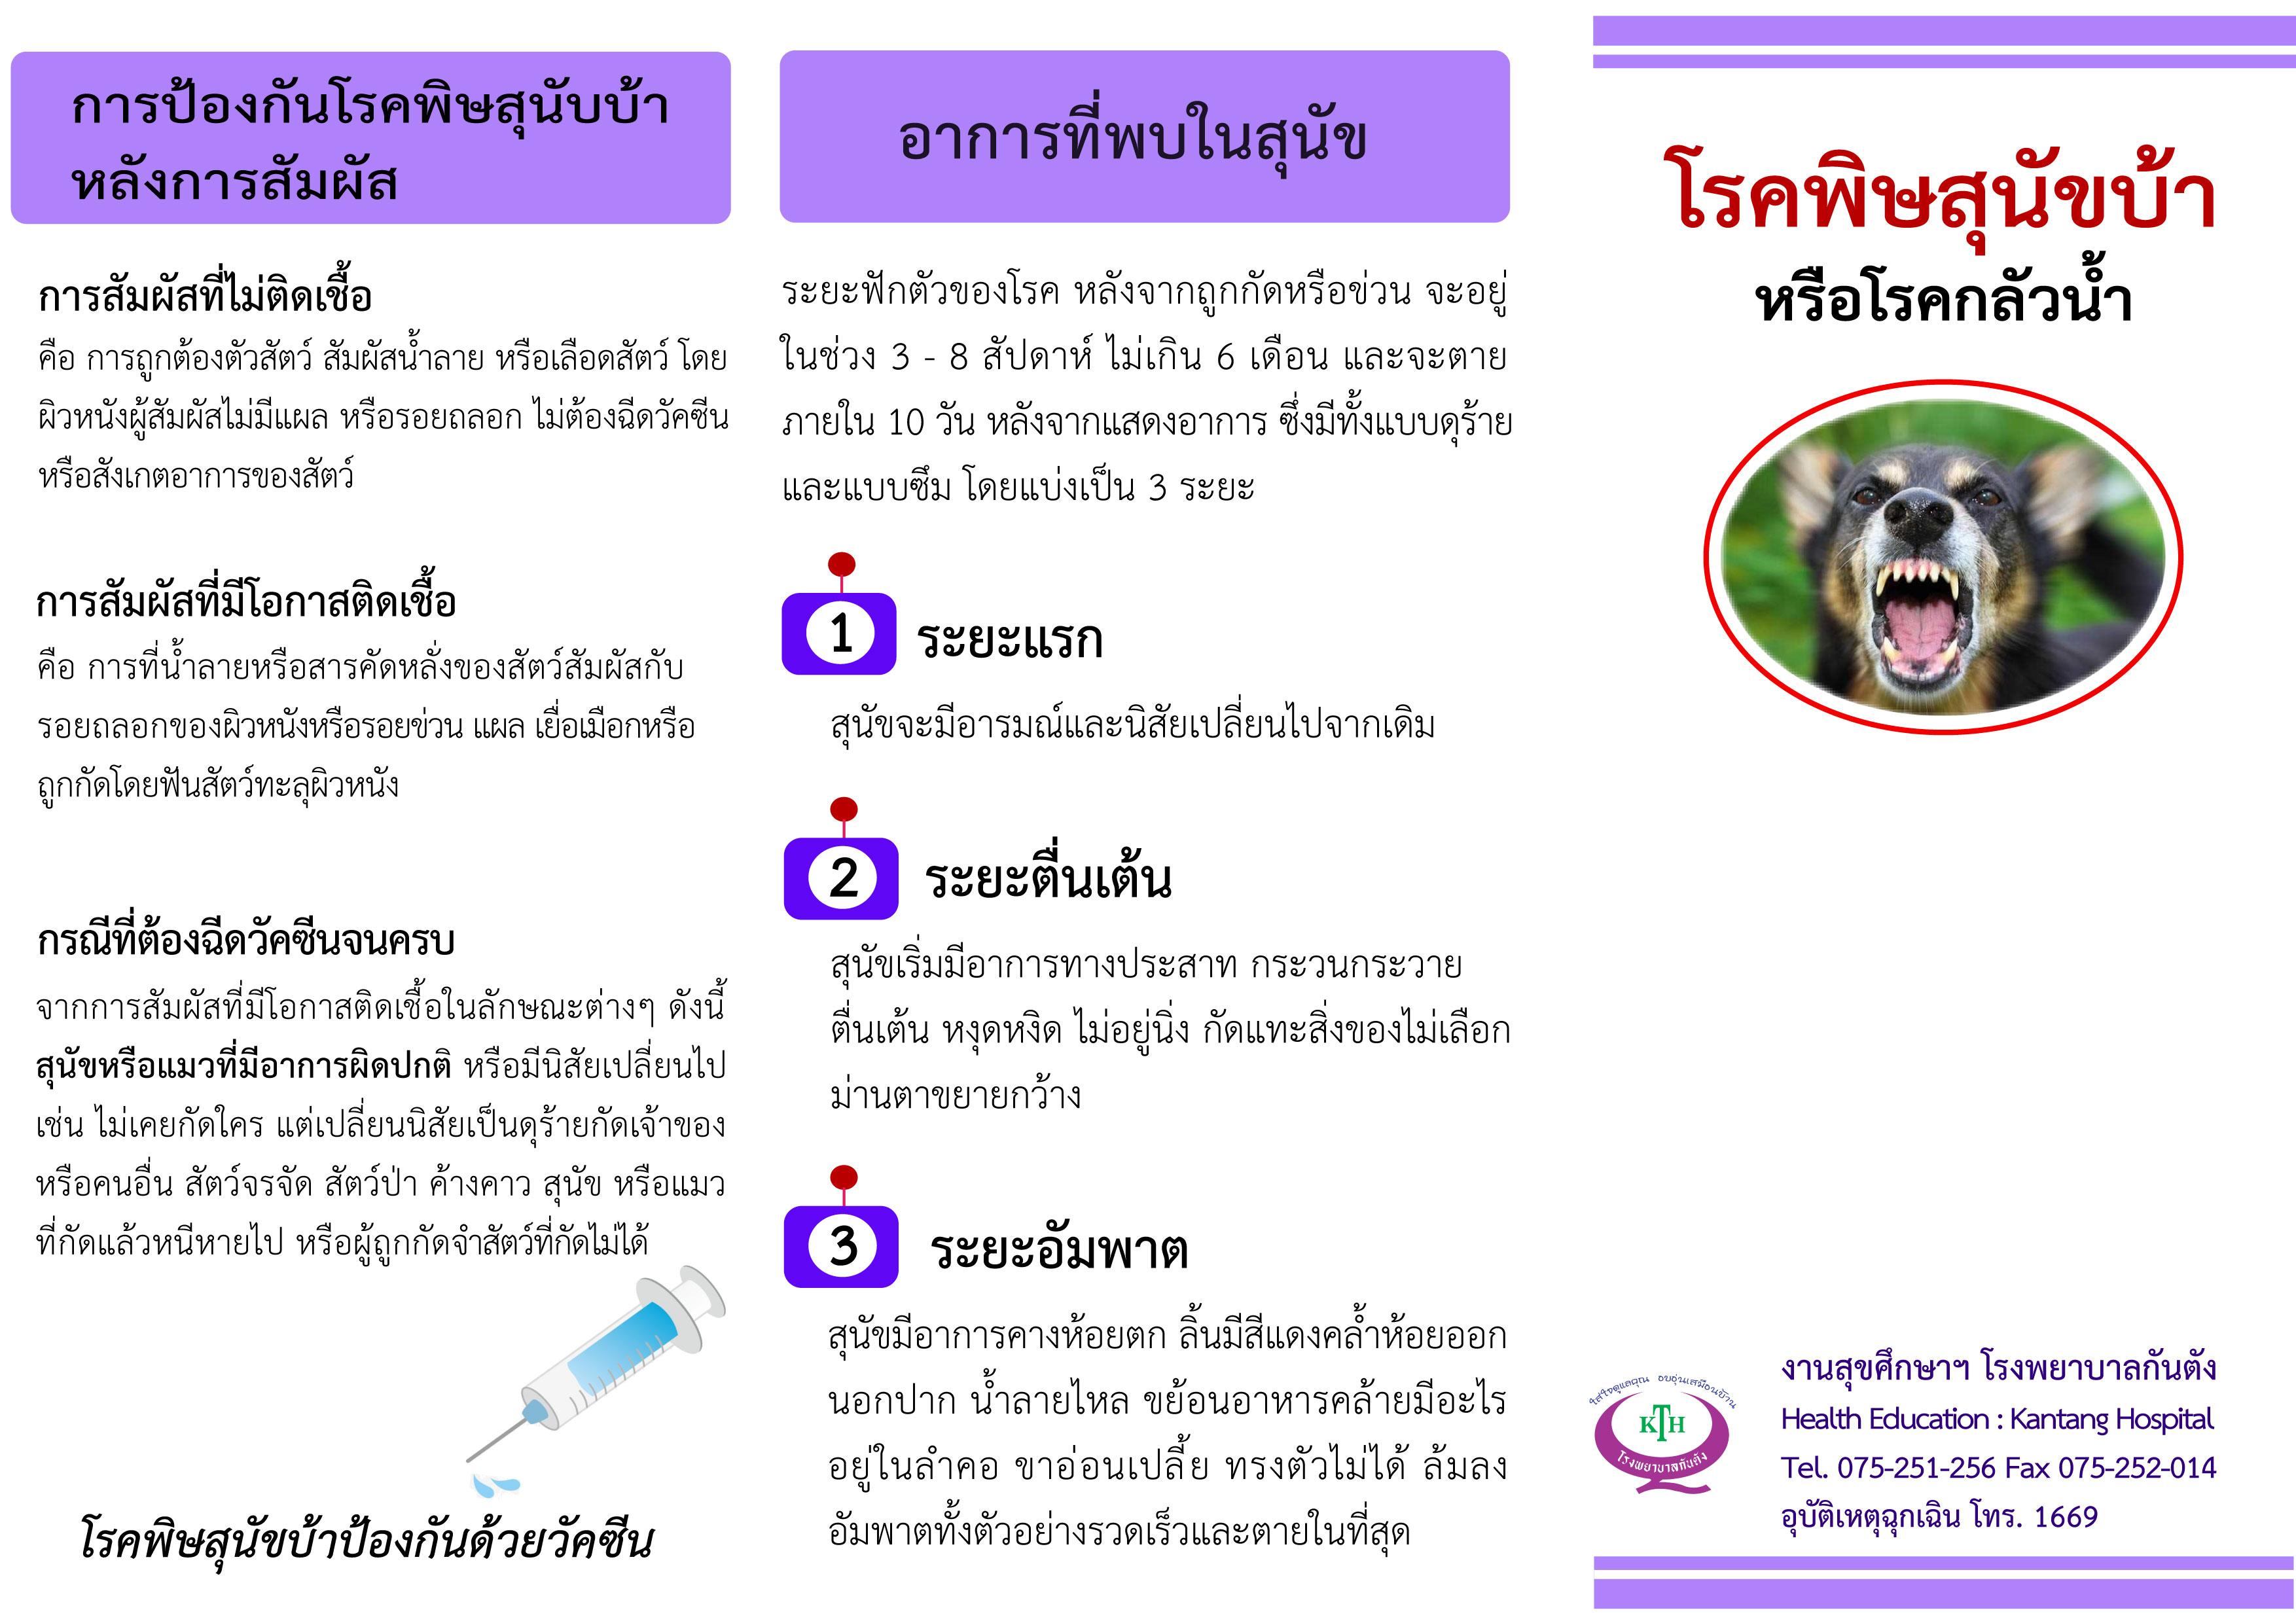 ความรู้-โรคพิษสุนัขบ้า - หน้า 1 - ปก - 290361 - ปรับป